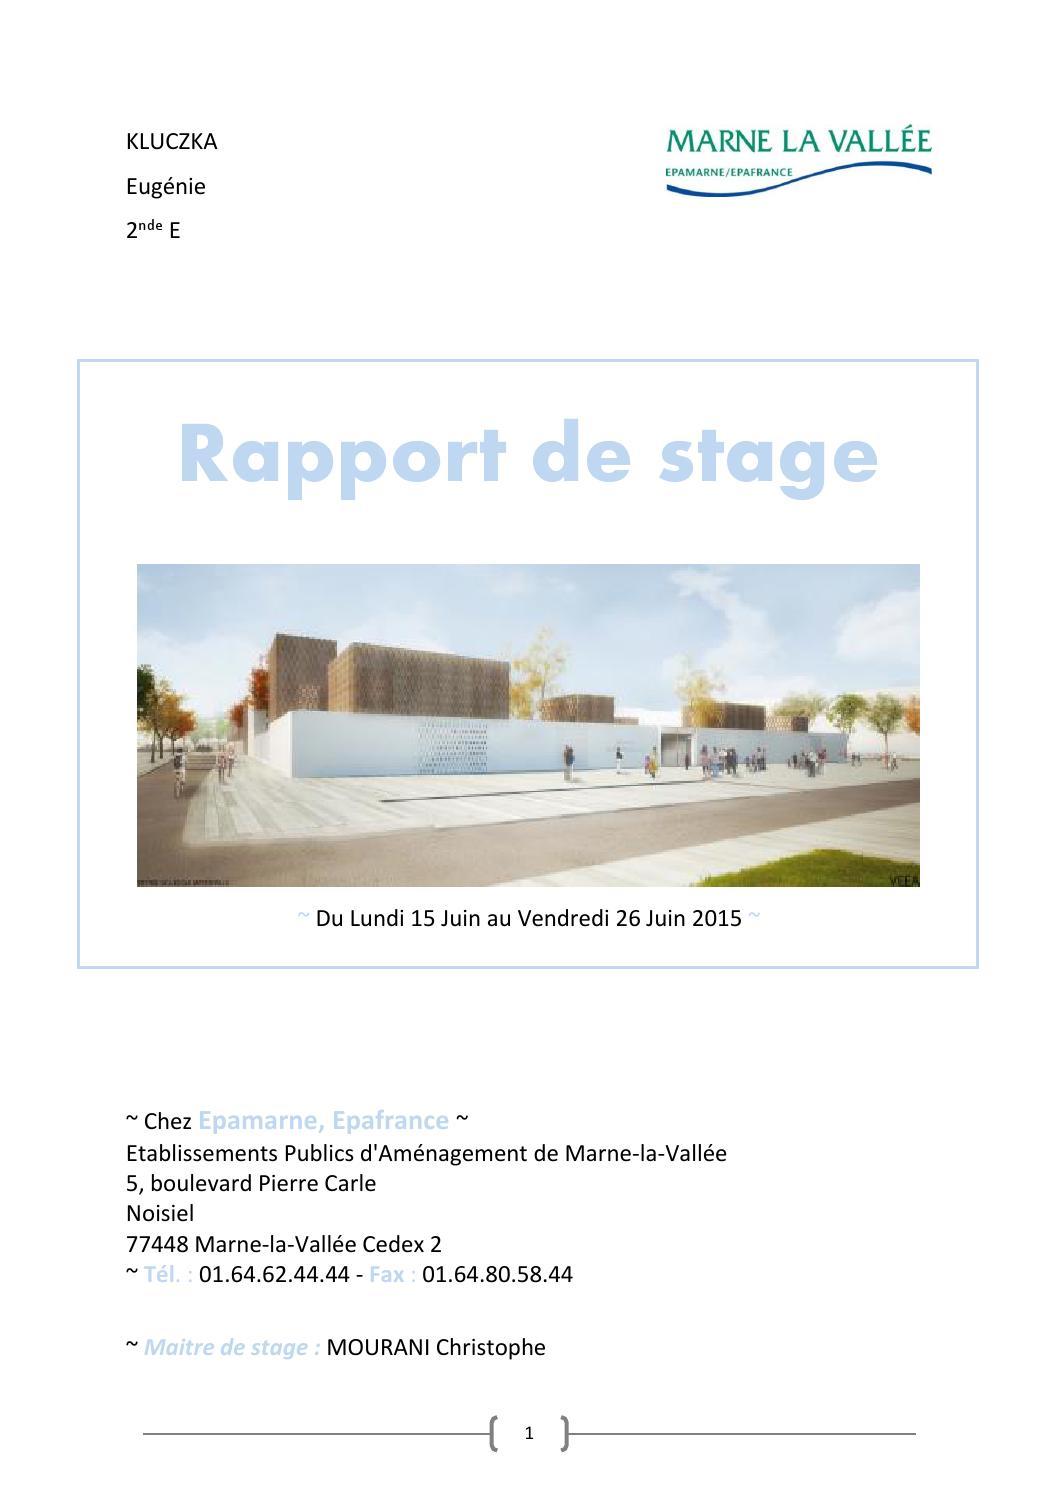 Bilan de stage exemple rapport de stage epa by laure kluczka issuu